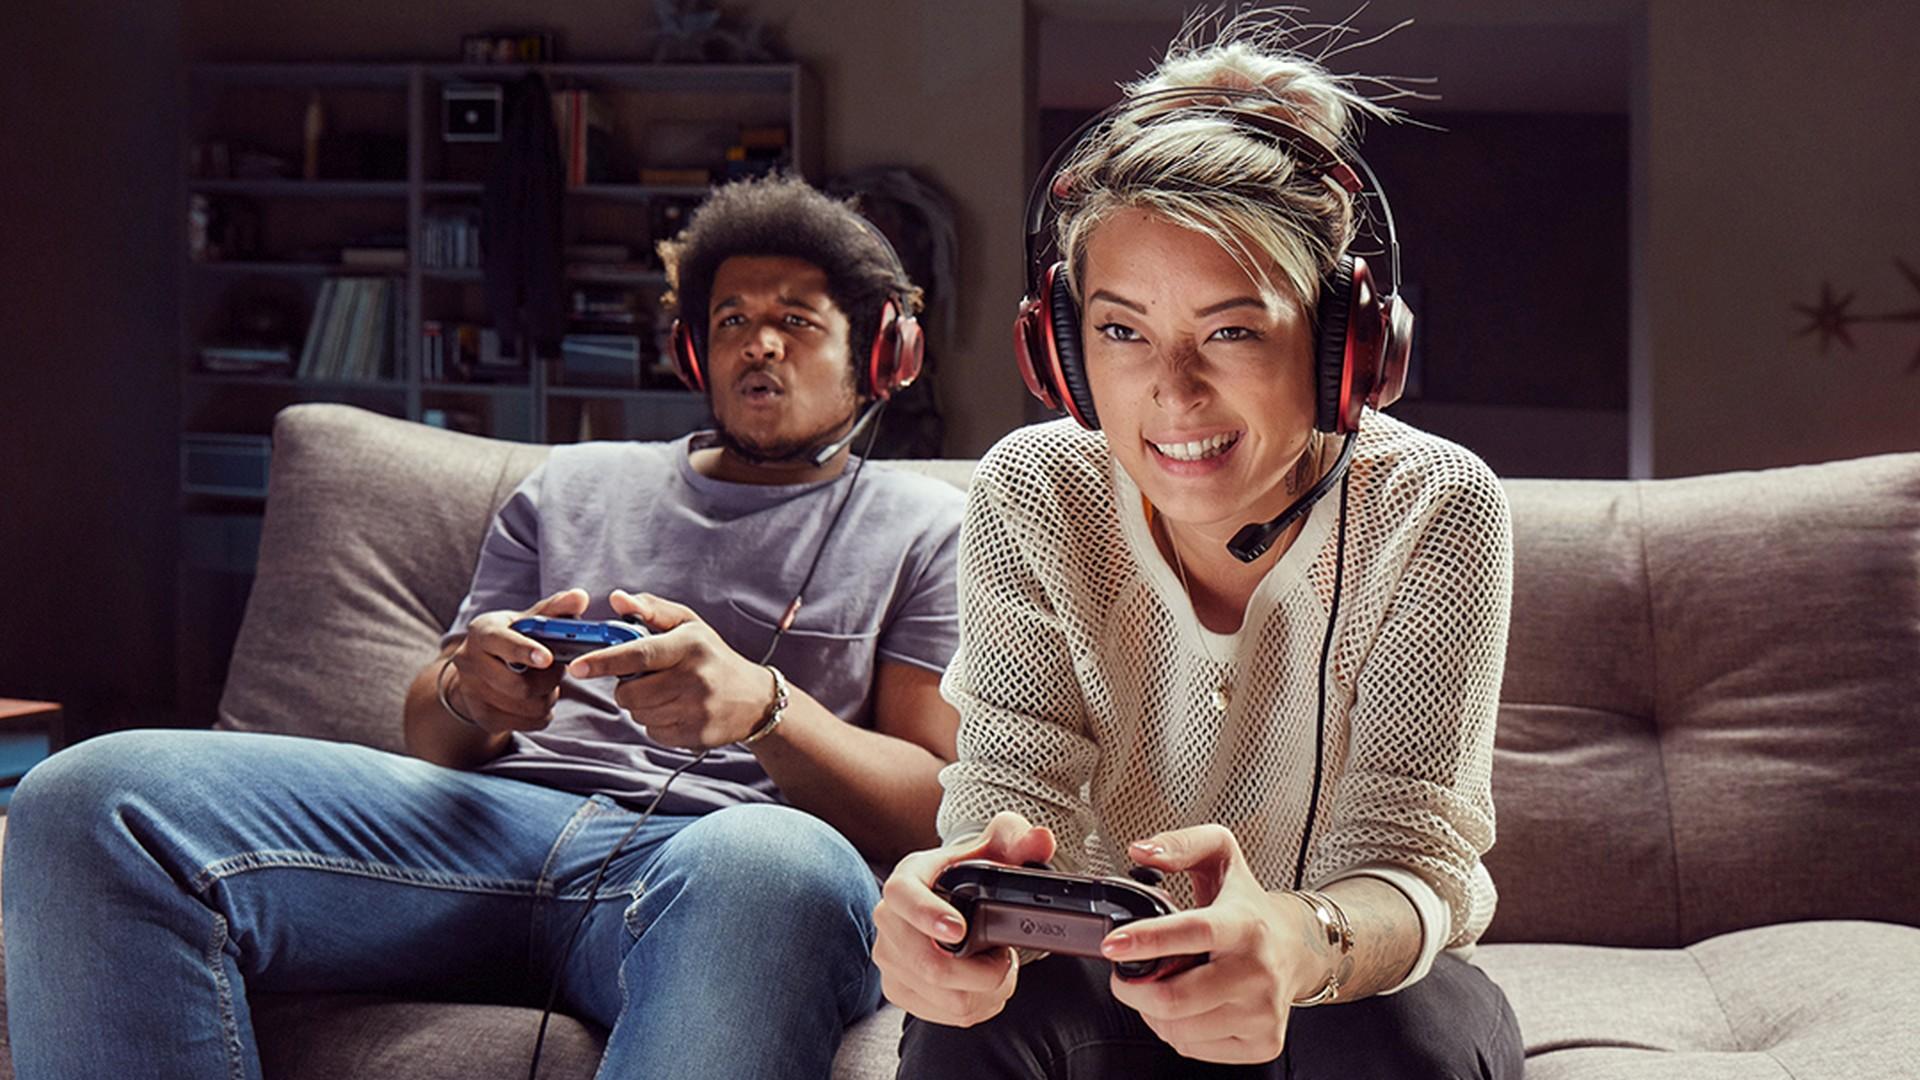 Free Multiplayer Hero Image